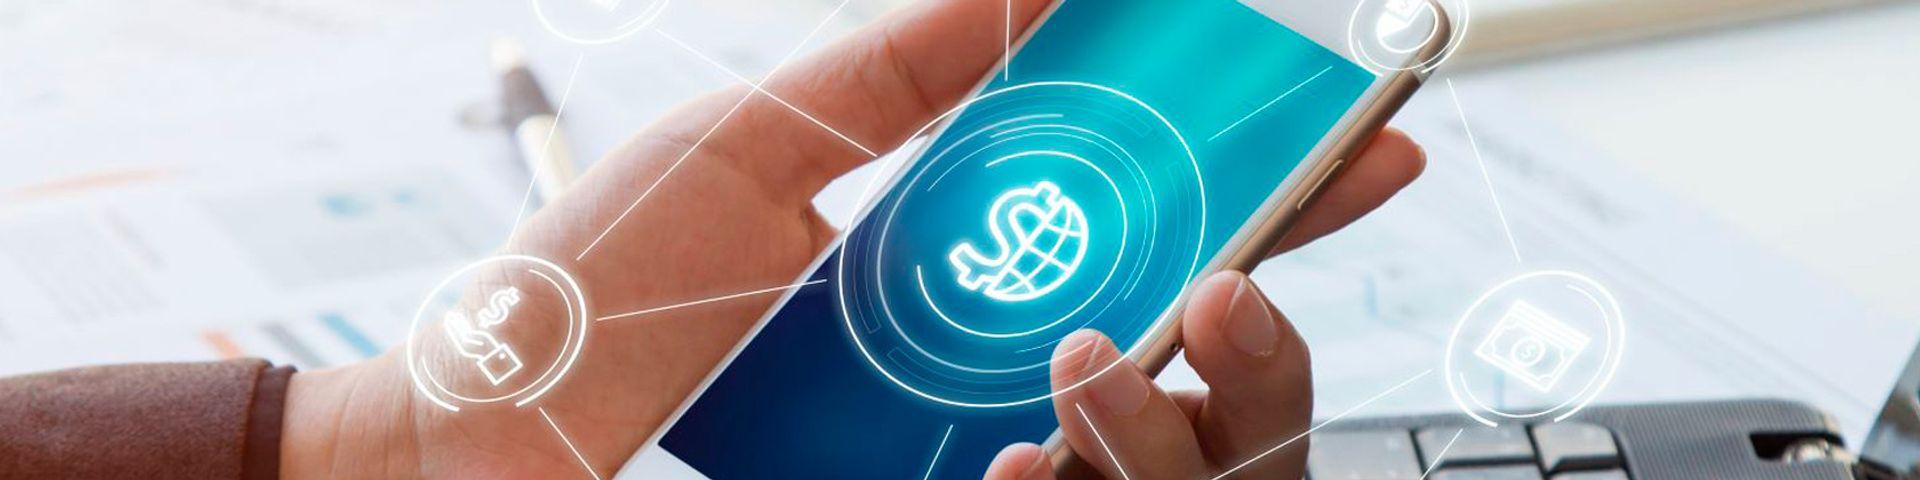 Estrategia de banca online